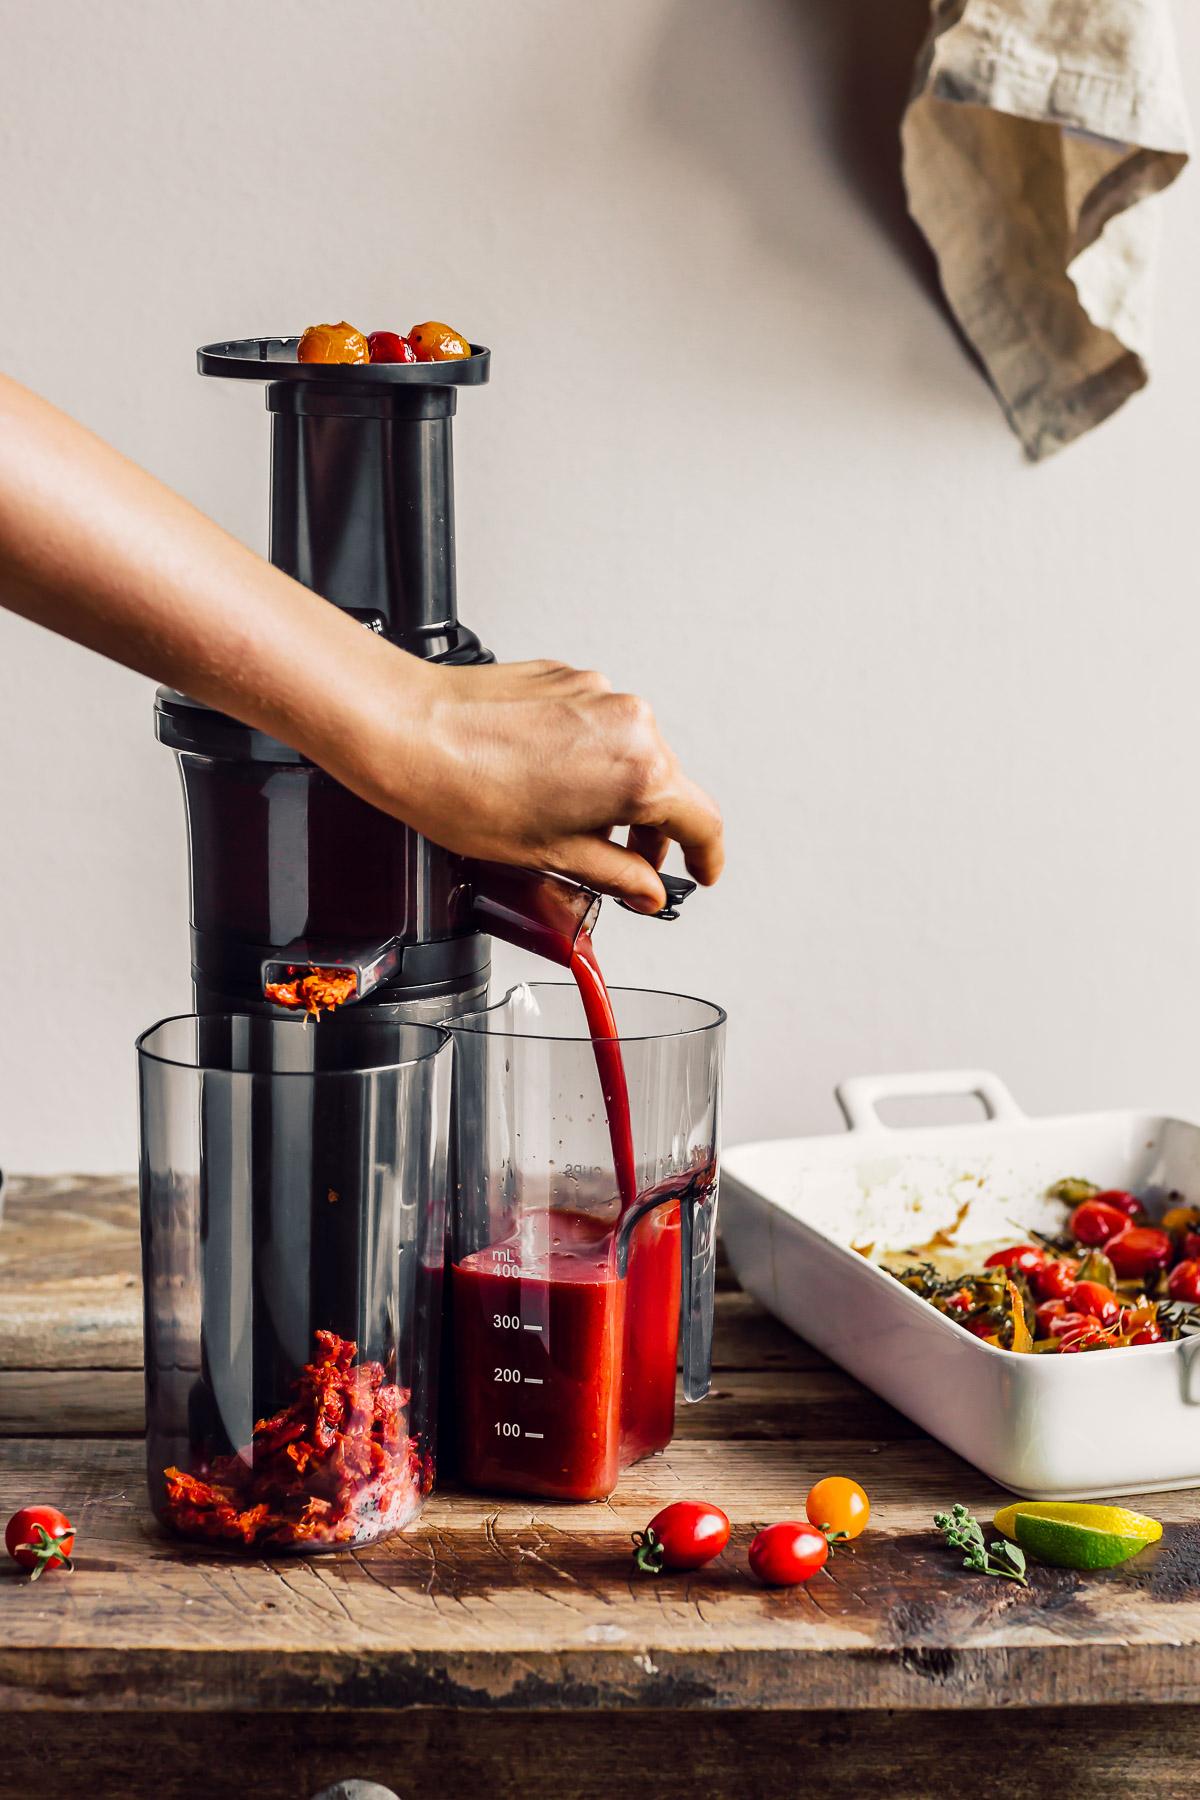 ricetta SALSA di POMODORINI ARROSTITI passata di pomodorini confit vegan ROASTED CHERRY TOMATO SAUCE tomato suop recipe